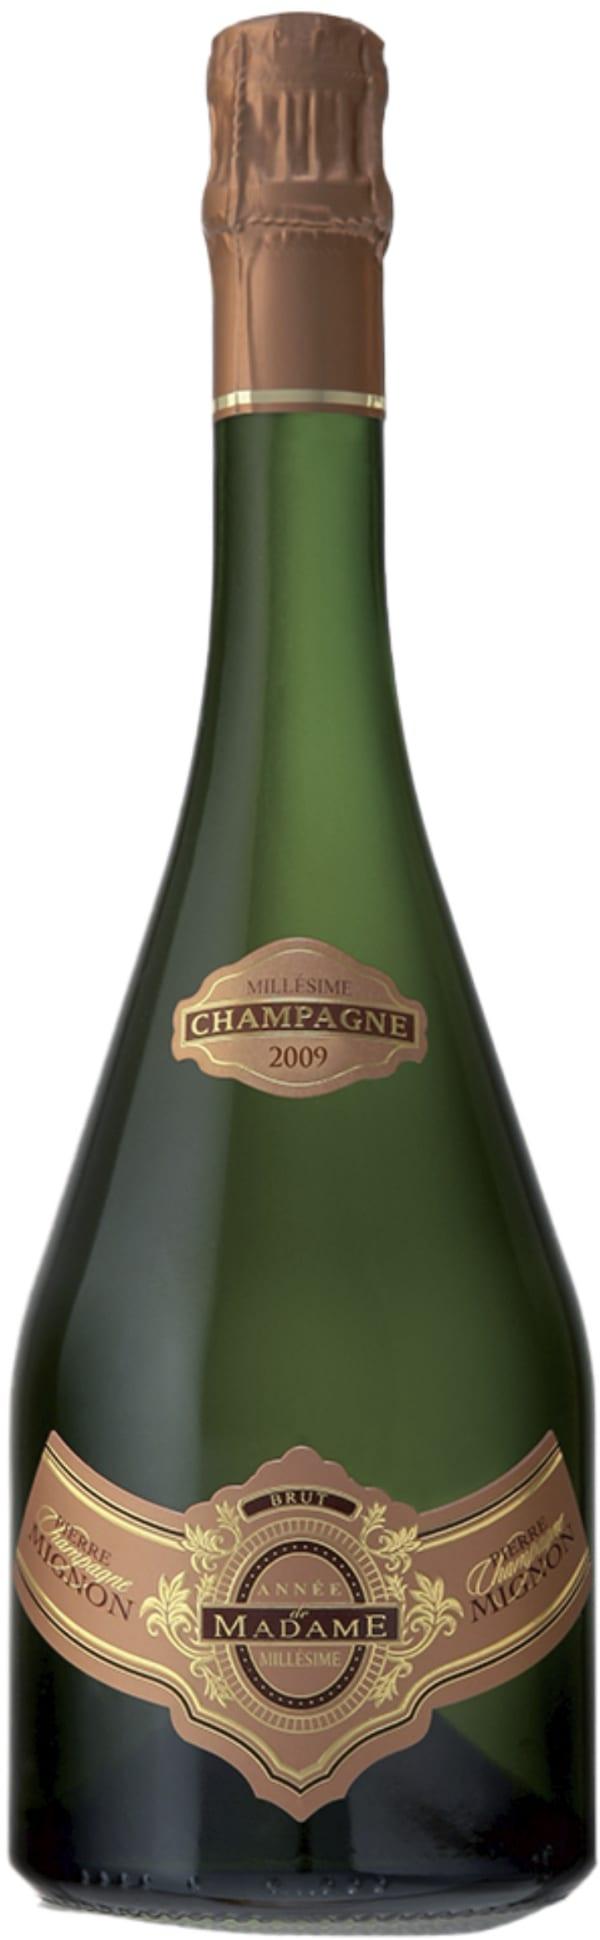 Pierre Mignon Année de Madame Millésime Champagne Brut 2009